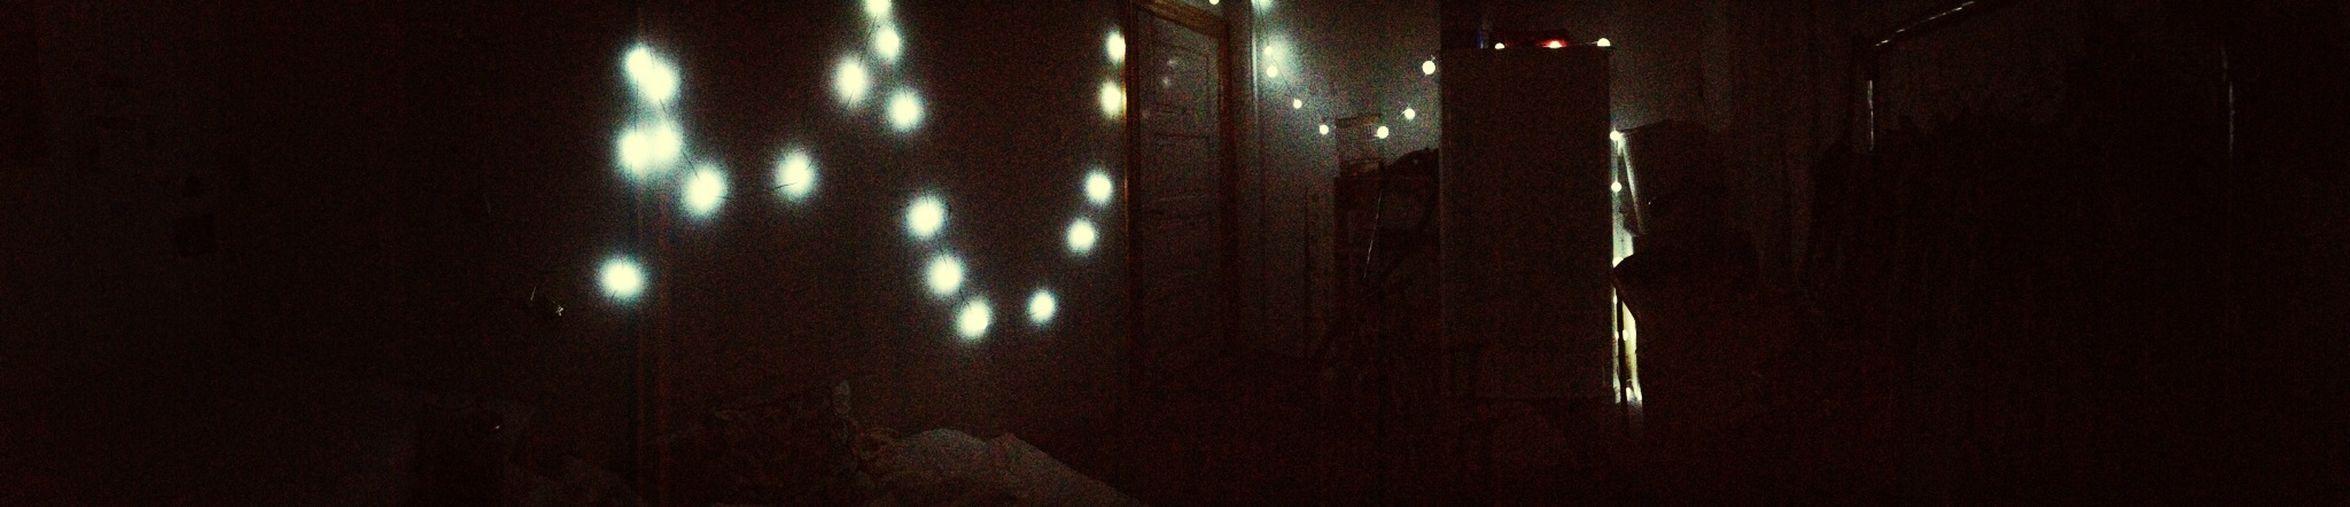 Lights My Room